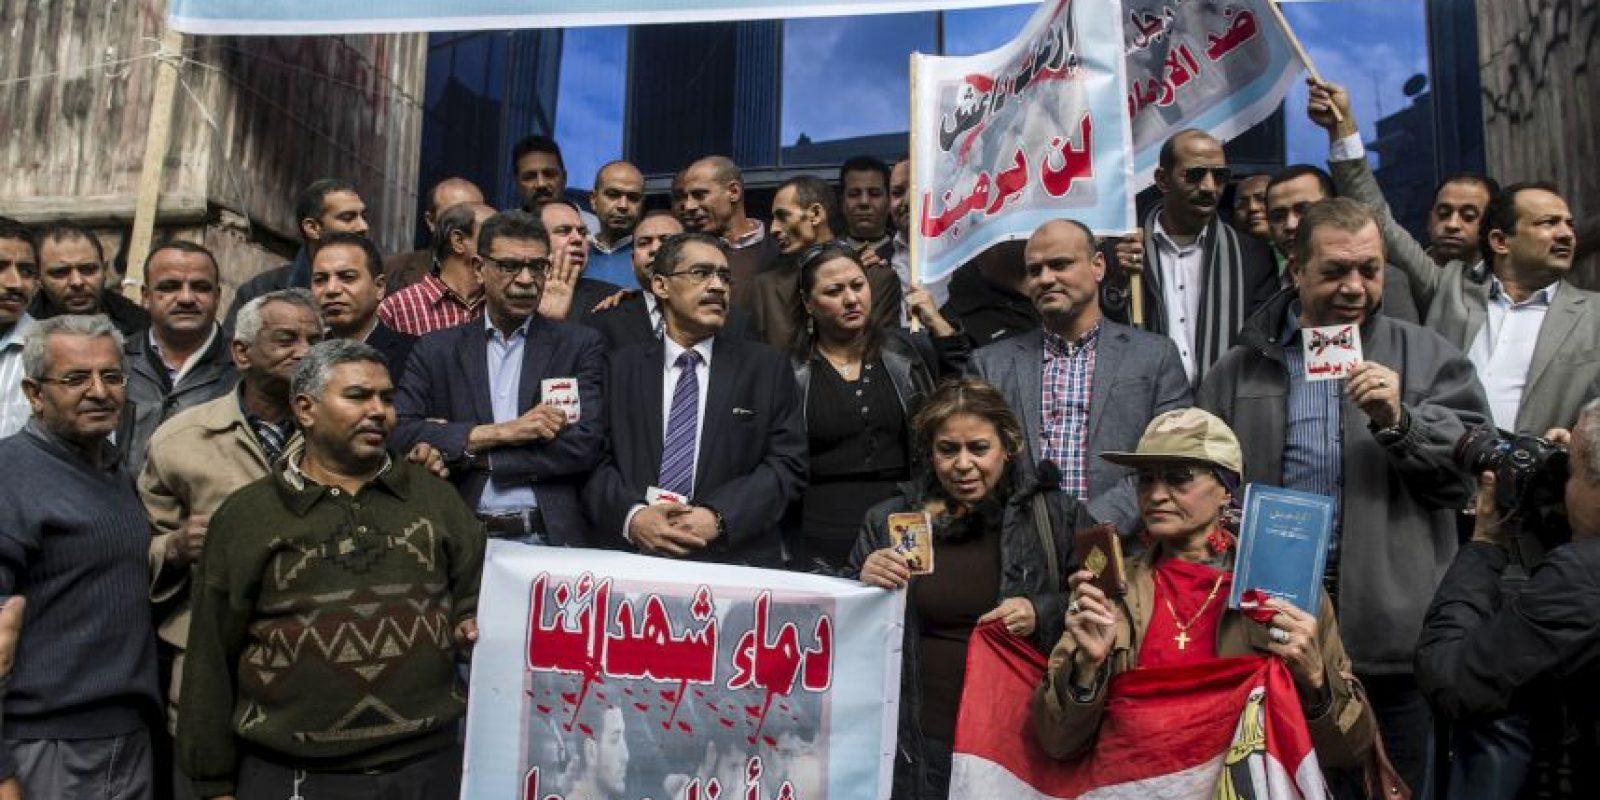 5. Los hechos se dieron en Libia. Foto:AFP